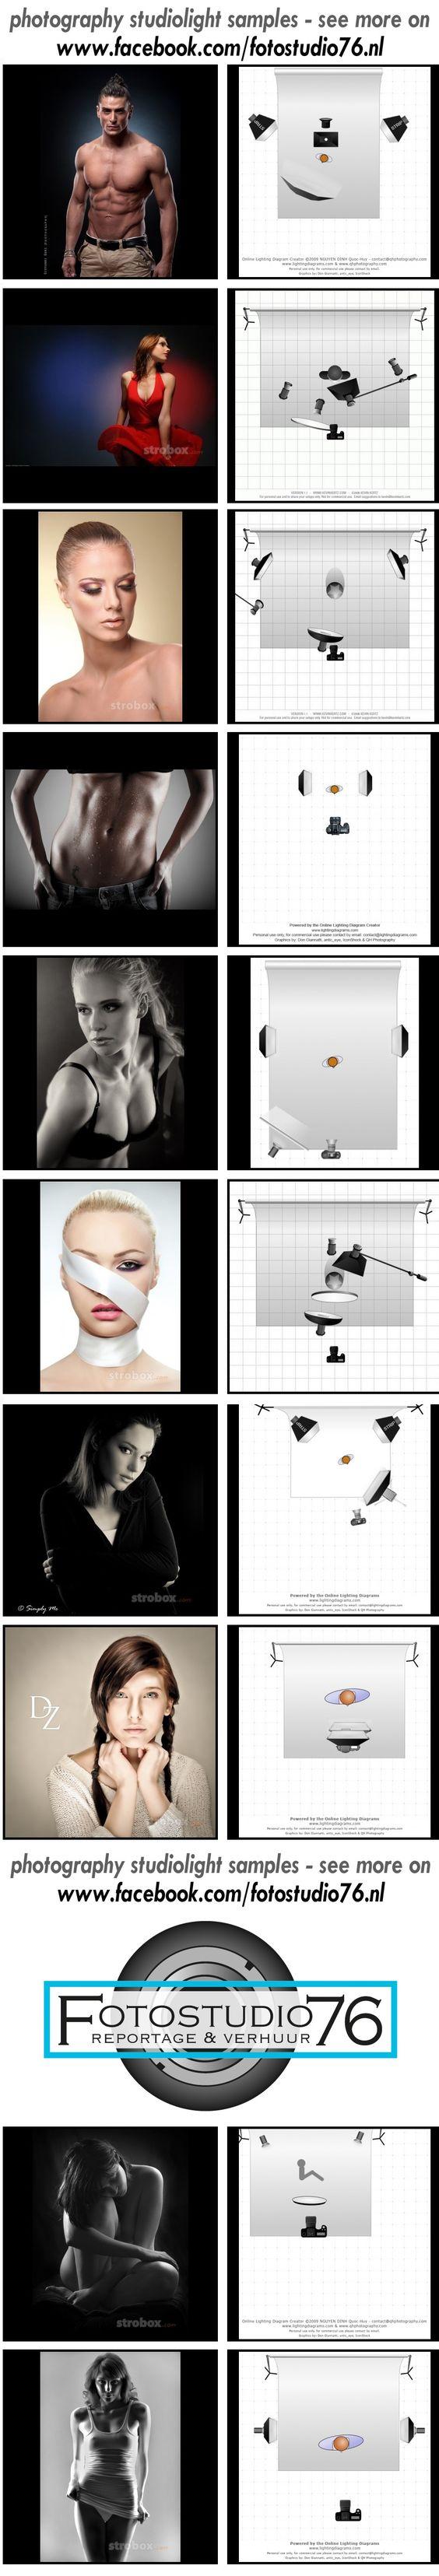 4e5ad947e4d599bf60ccb8470659d4d7.jpg 939×5.514 pixels